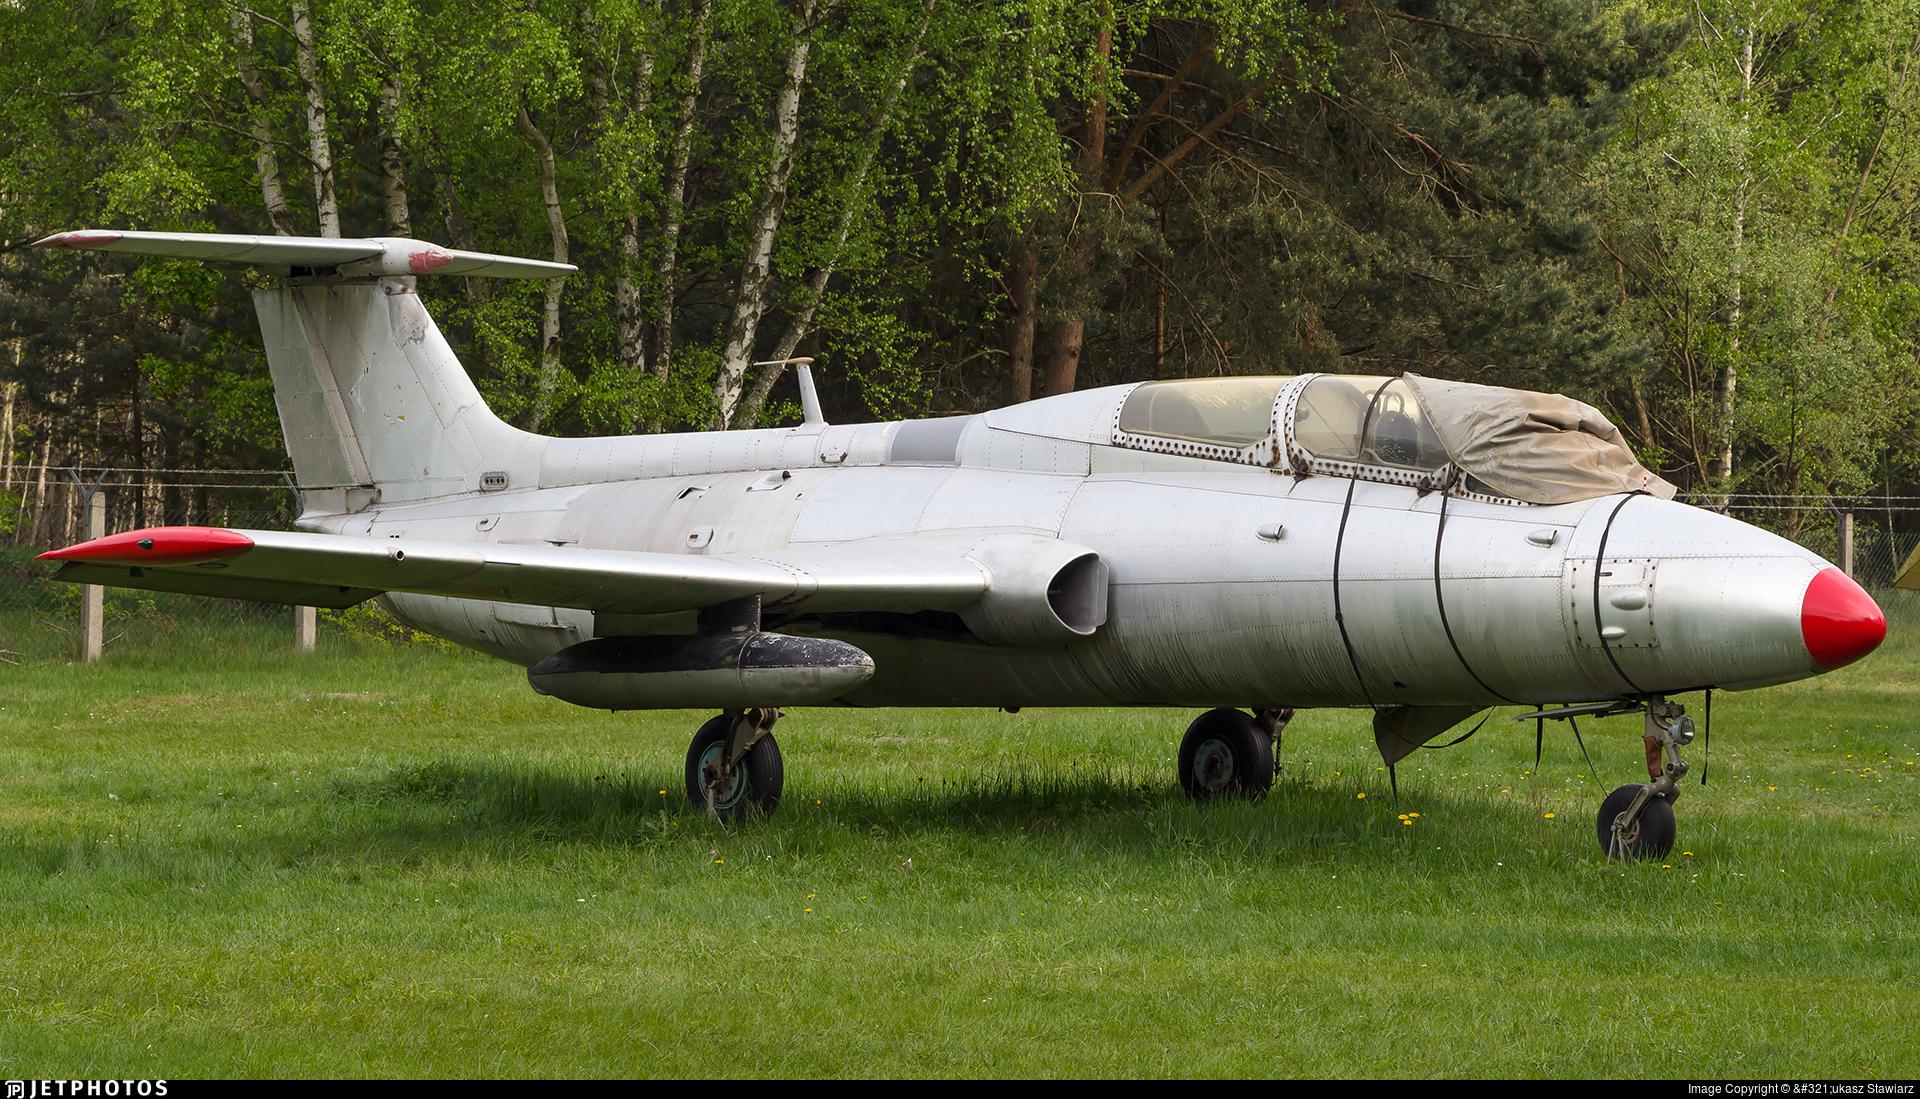 370 - Aero L-29 Delfin - German Democratic Republic - Air Force